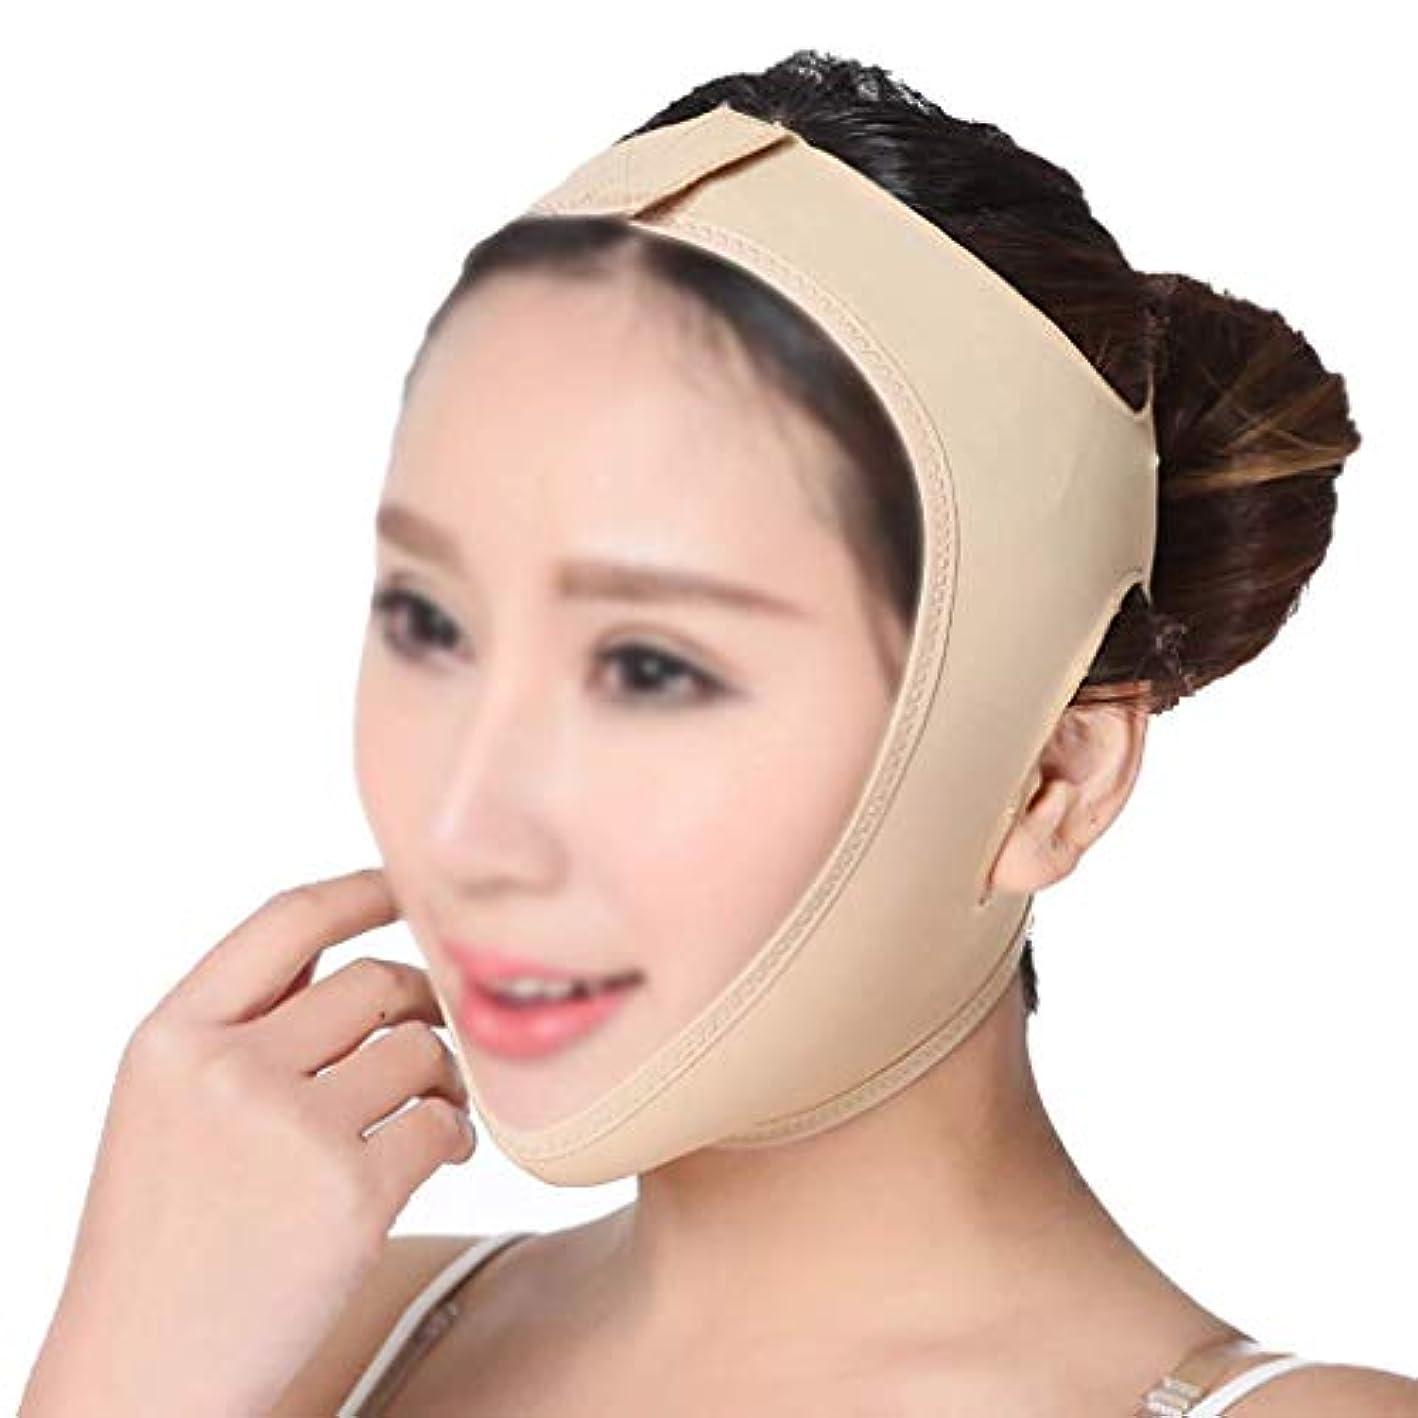 フェイスリフティングマスク、リフティングチン、フェイシャルスキン、頬垂れ防止、快適で 生地、詰まることを拒否、着用が簡単(サイズ:M),S